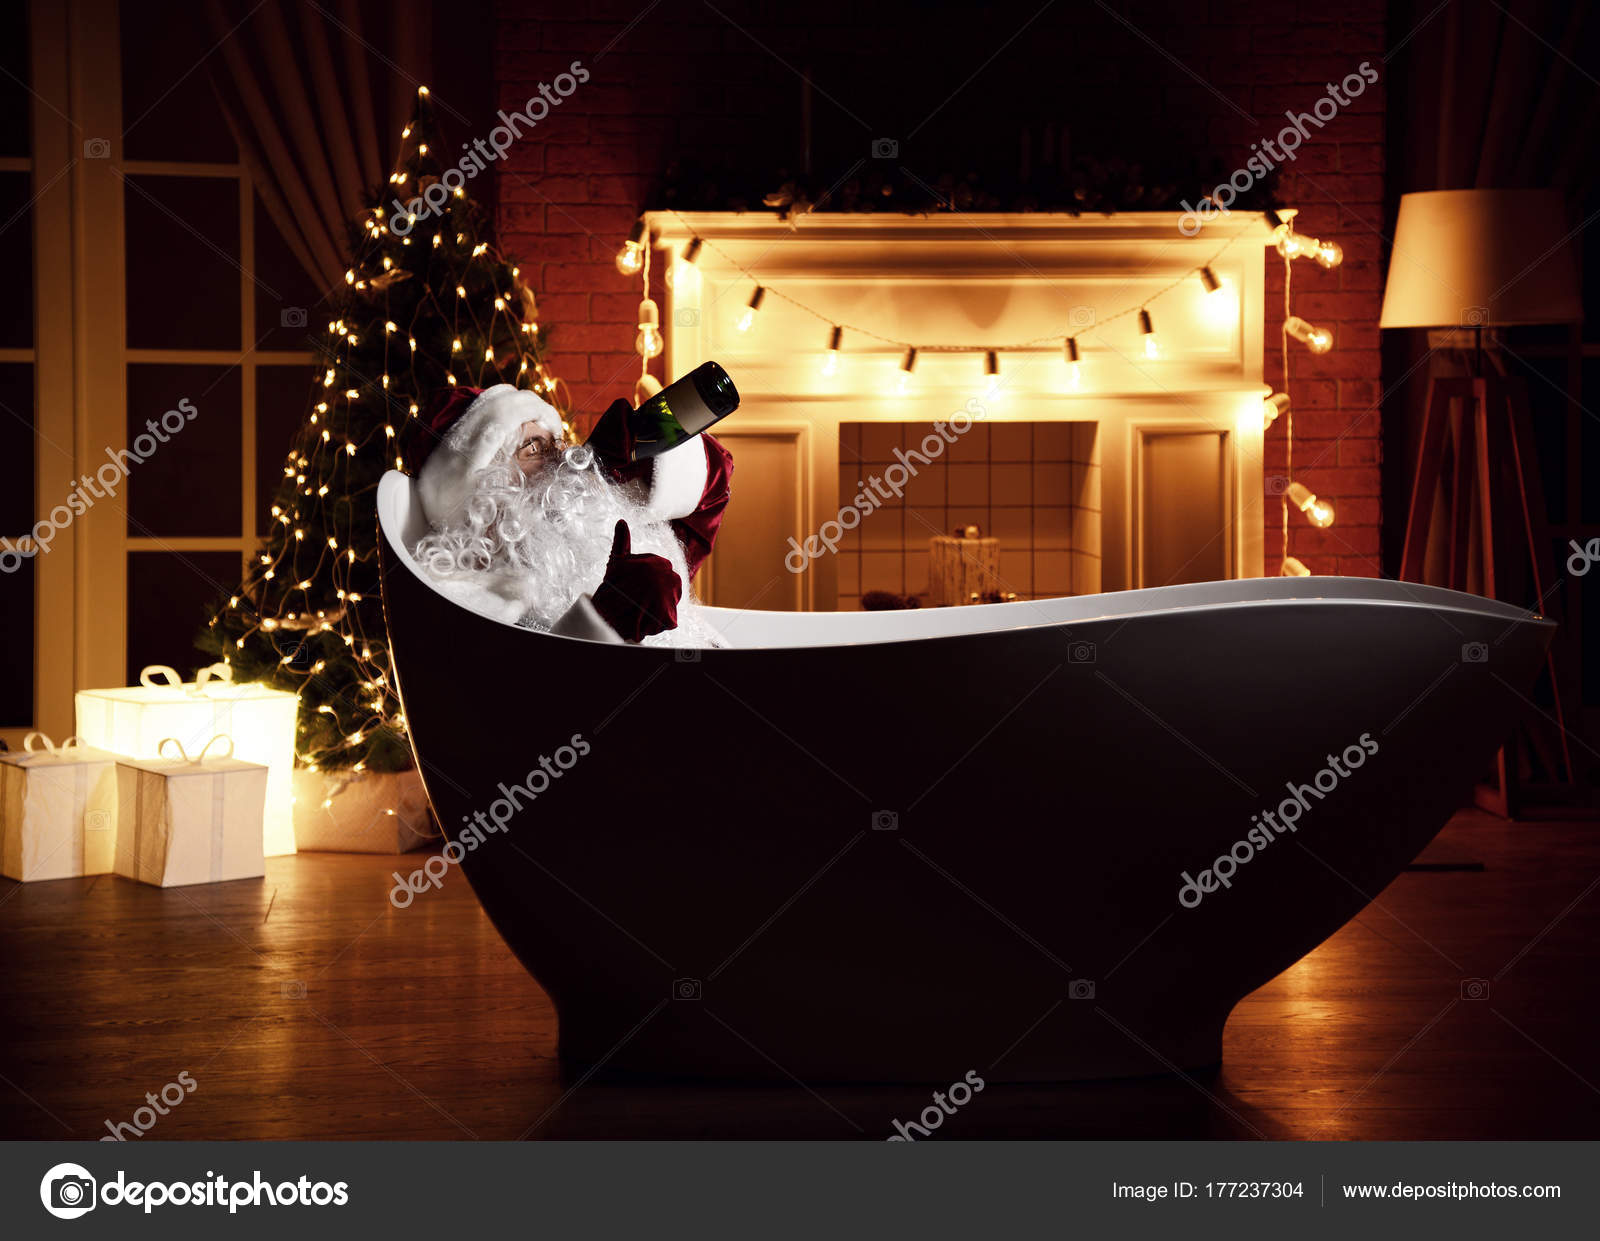 Vasca Da Bagno Bassa : Babbo natale difettoso che si trova nella vasca da bagno sopra